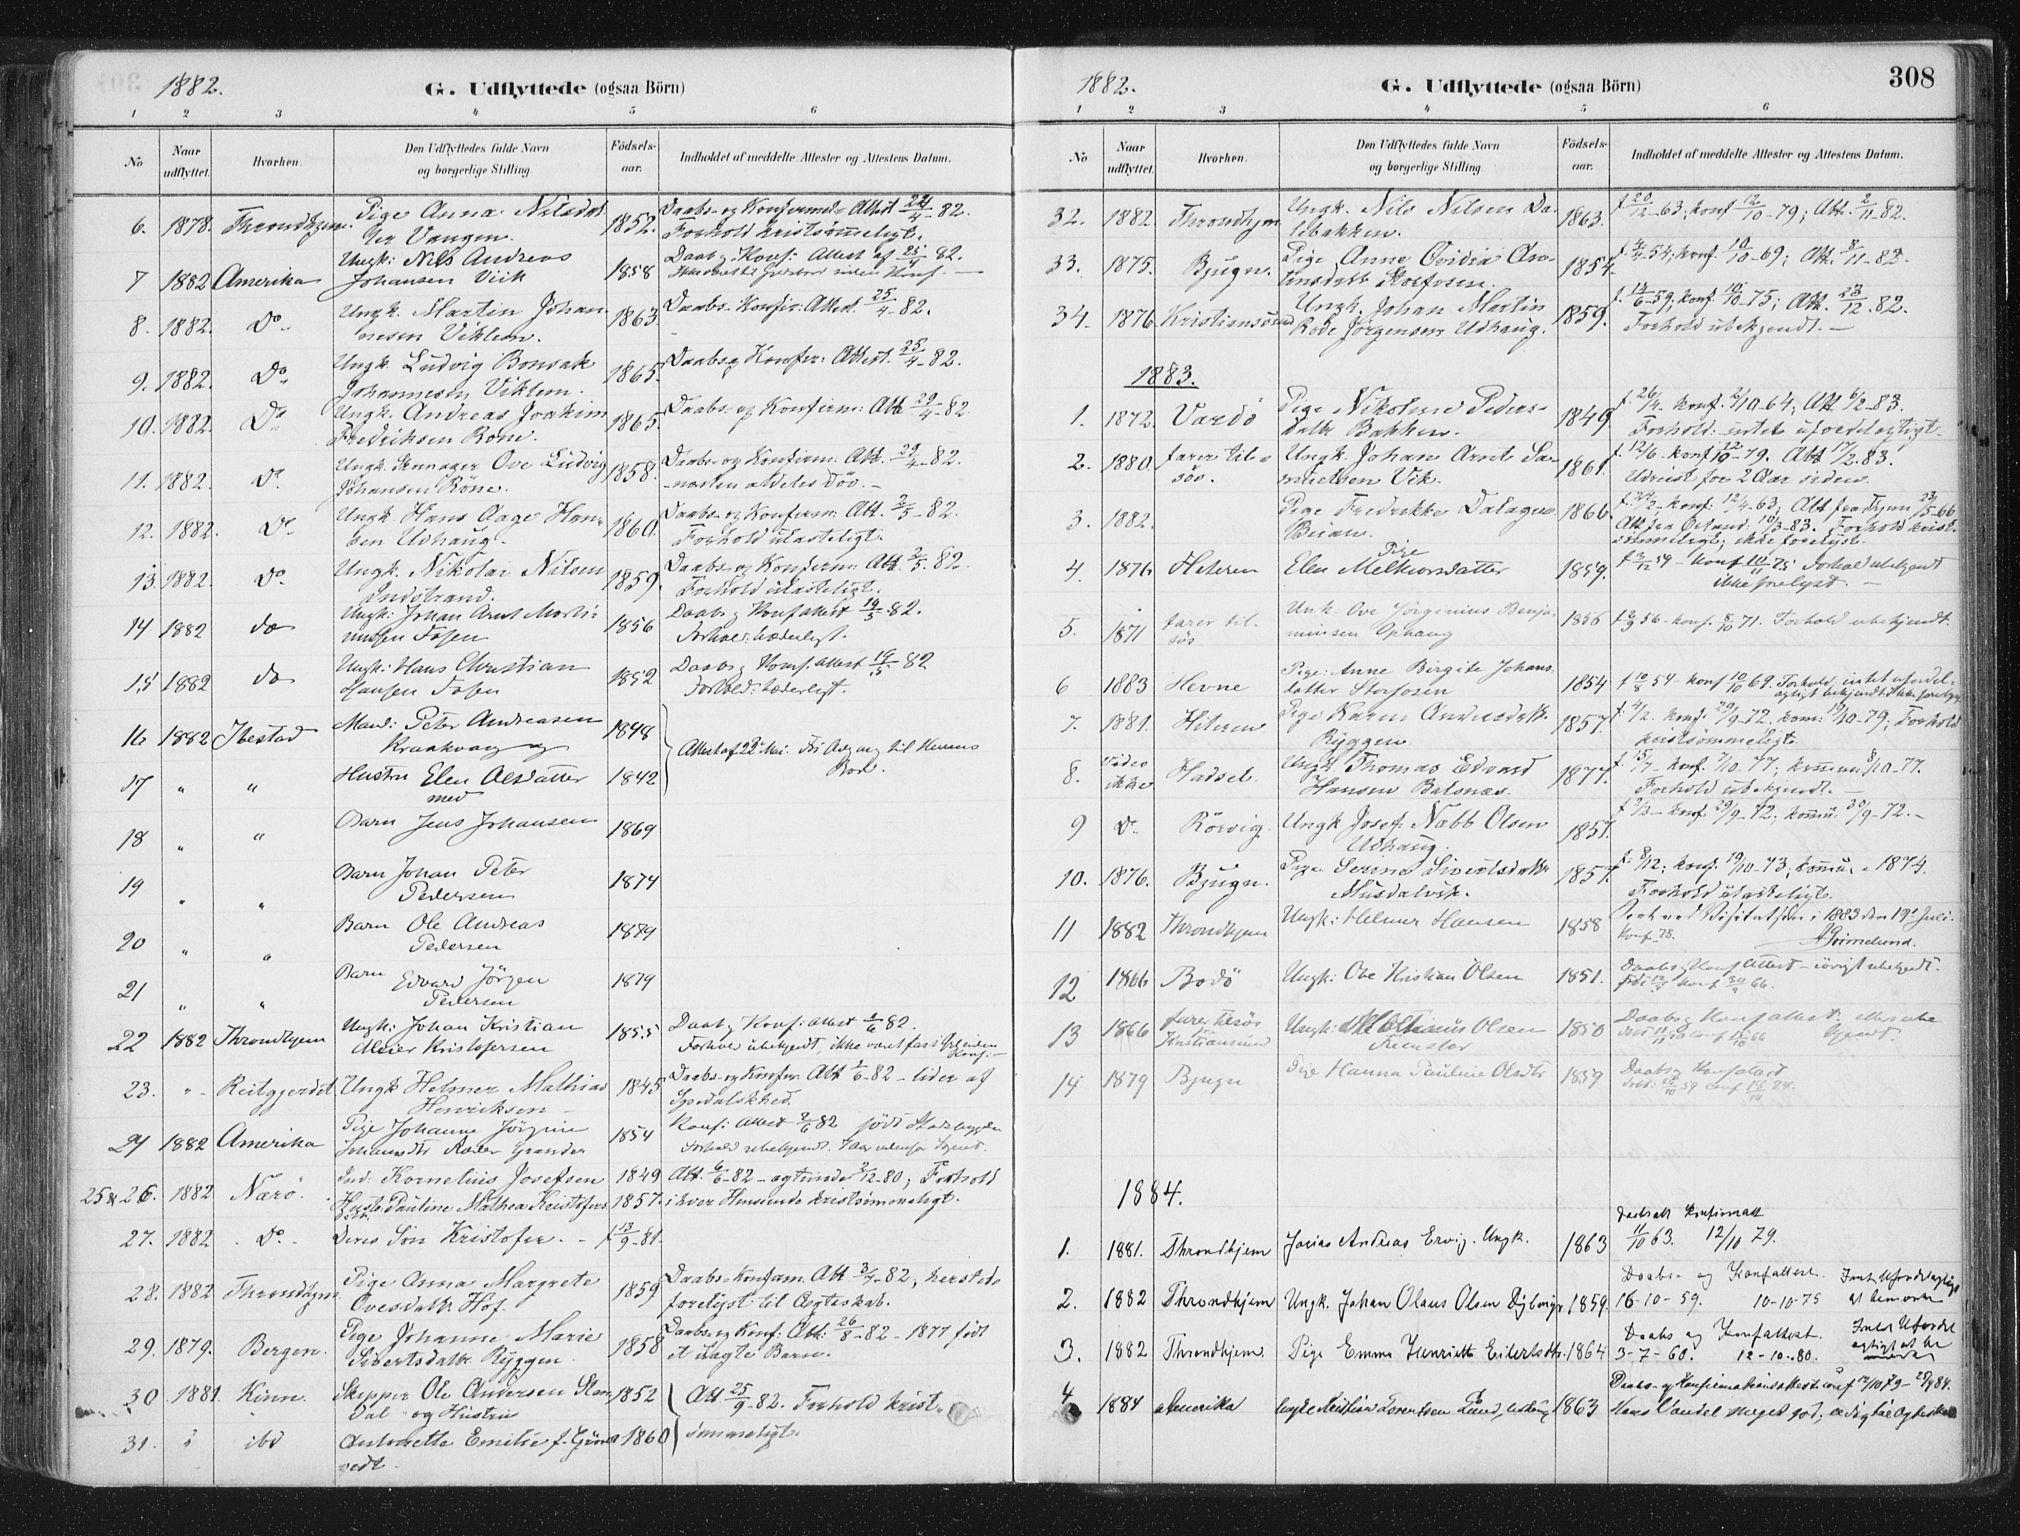 SAT, Ministerialprotokoller, klokkerbøker og fødselsregistre - Sør-Trøndelag, 659/L0739: Ministerialbok nr. 659A09, 1879-1893, s. 308